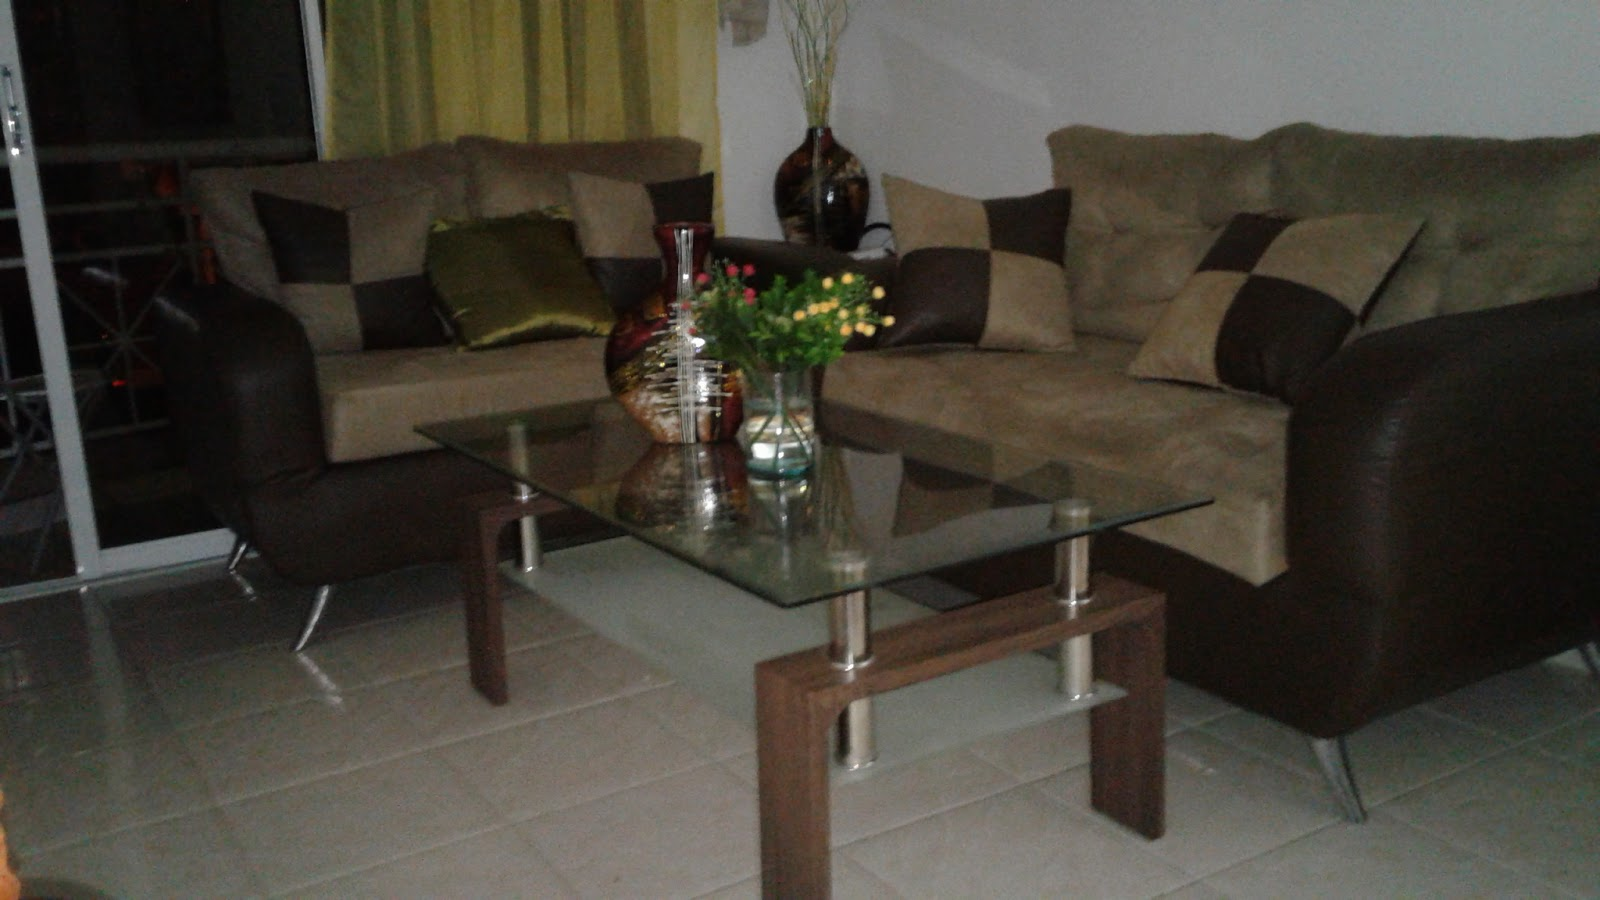 Tendencias muebles y art culos del hogar for Muebles del hogar